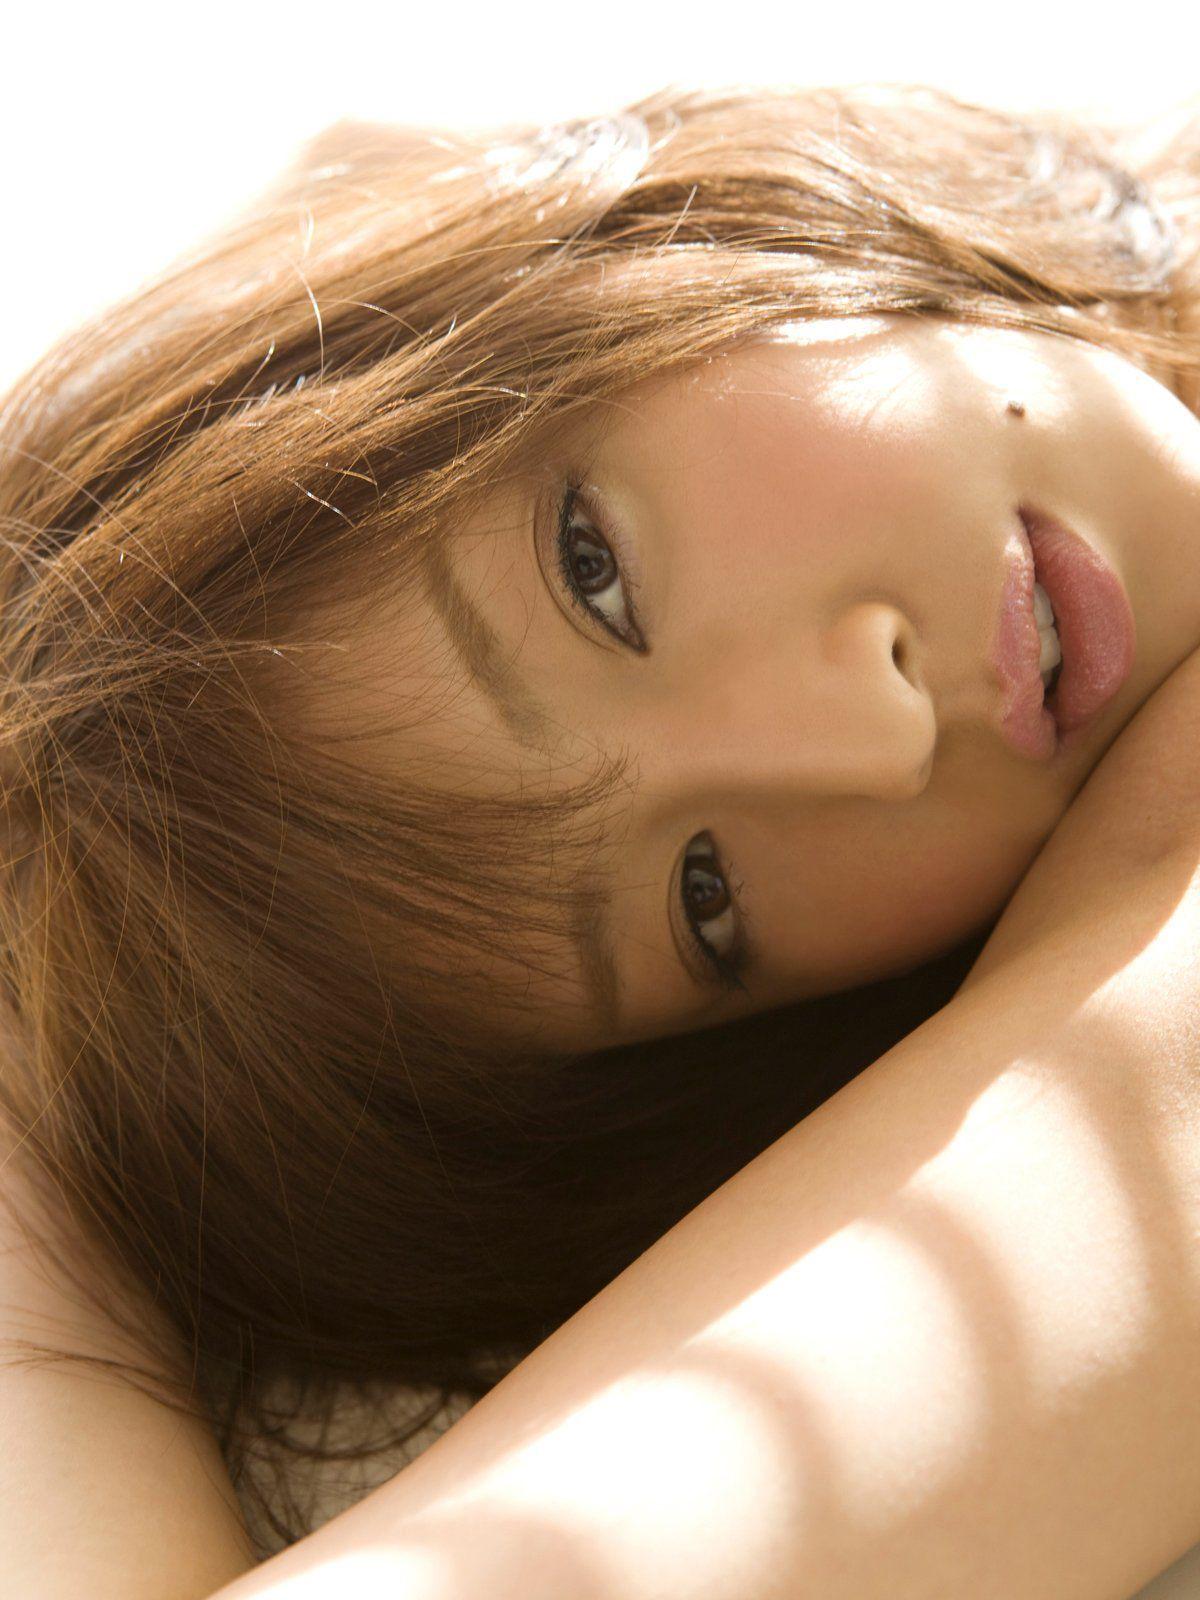 Sabra.net 2009.03.19 Strictly Girls Natsuki Ikeda